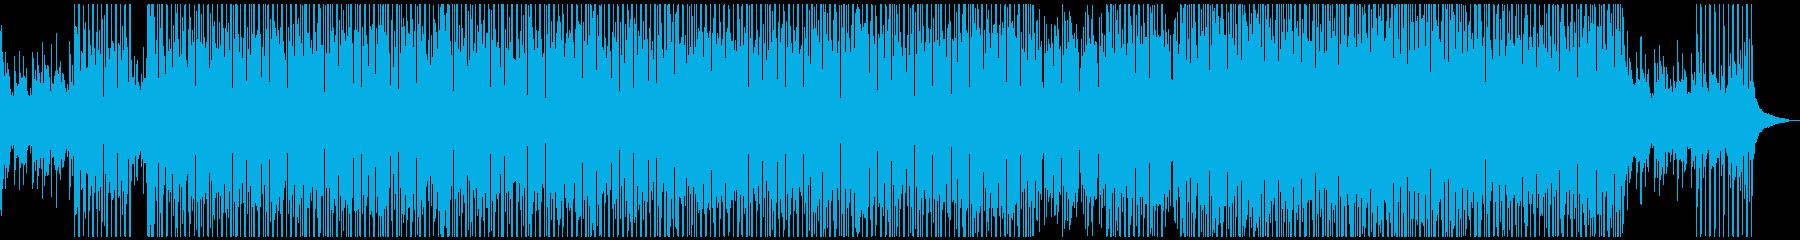 夏をイメージしたトロピカルなハウスの再生済みの波形